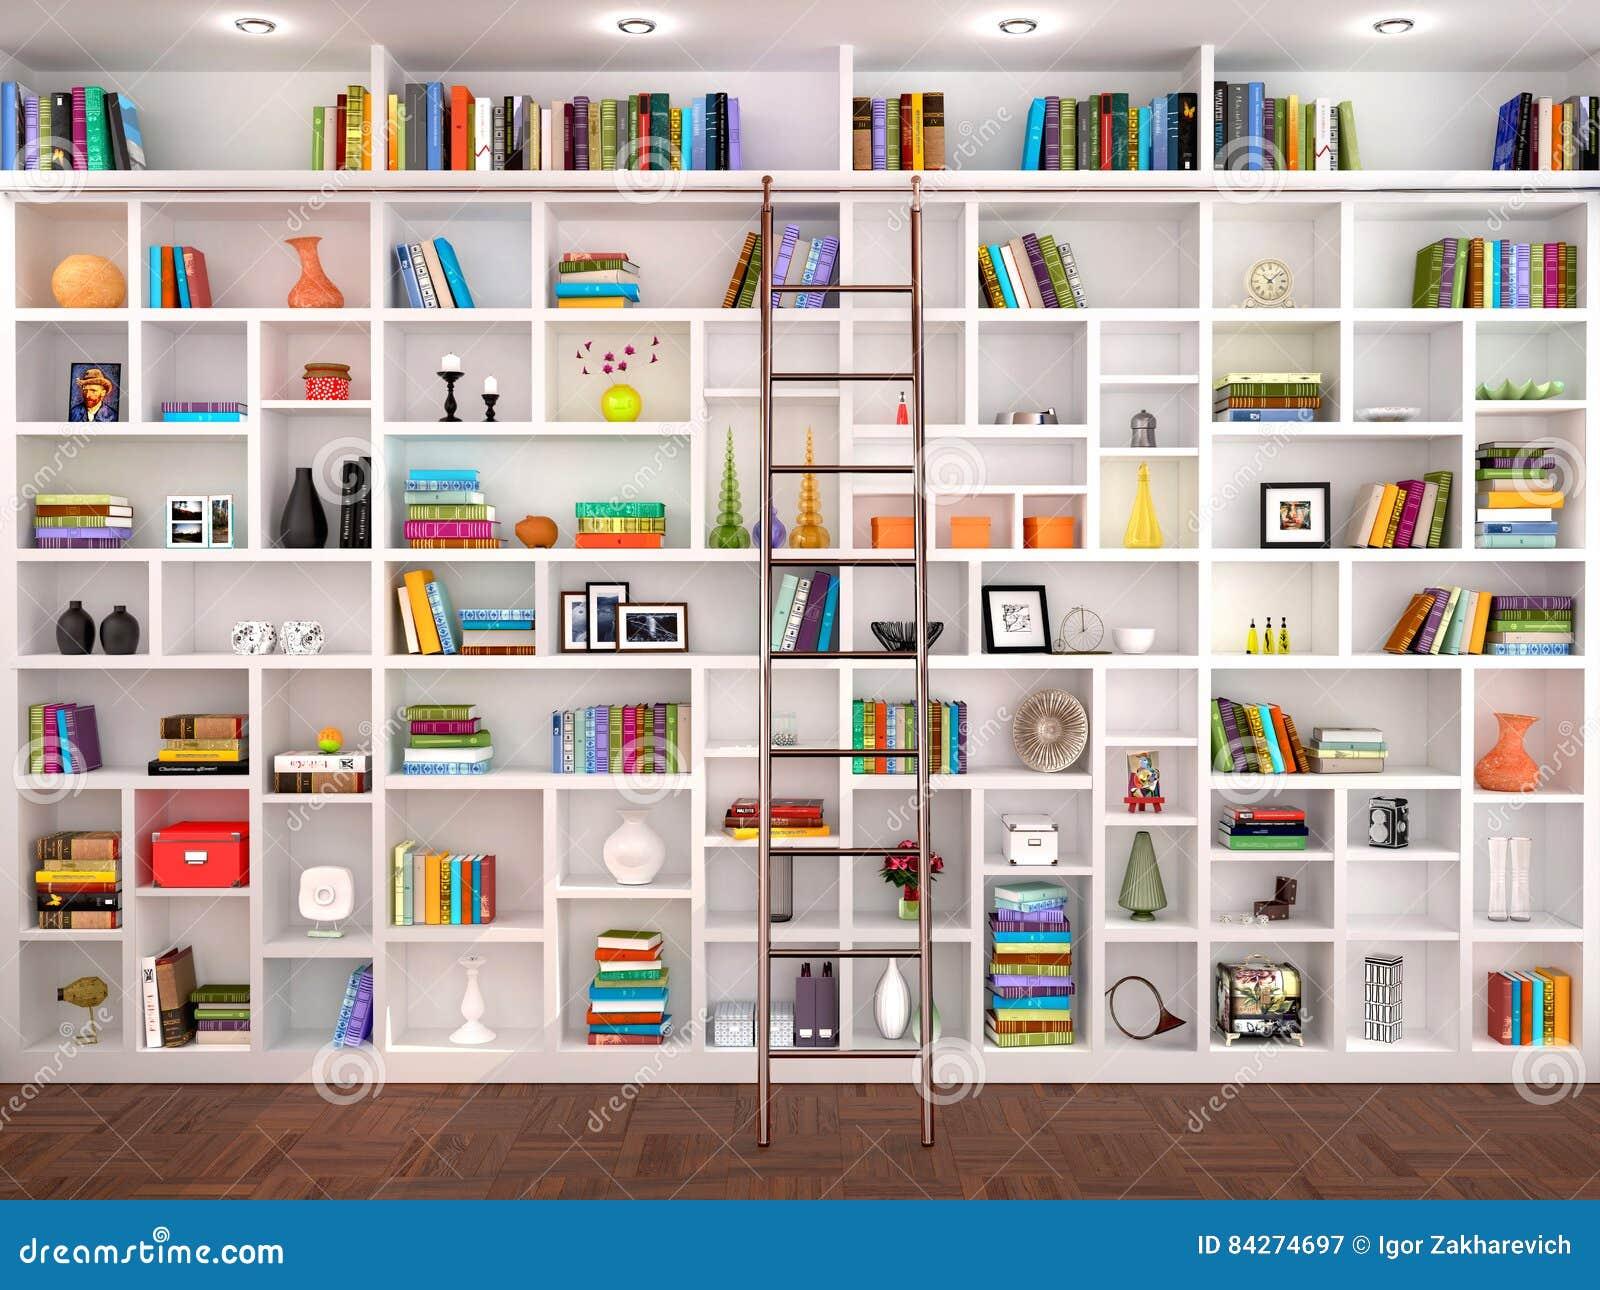 Scaffali Libreria Bianchi.Illustrazione 3d Degli Scaffali Bianchi Nell Interno